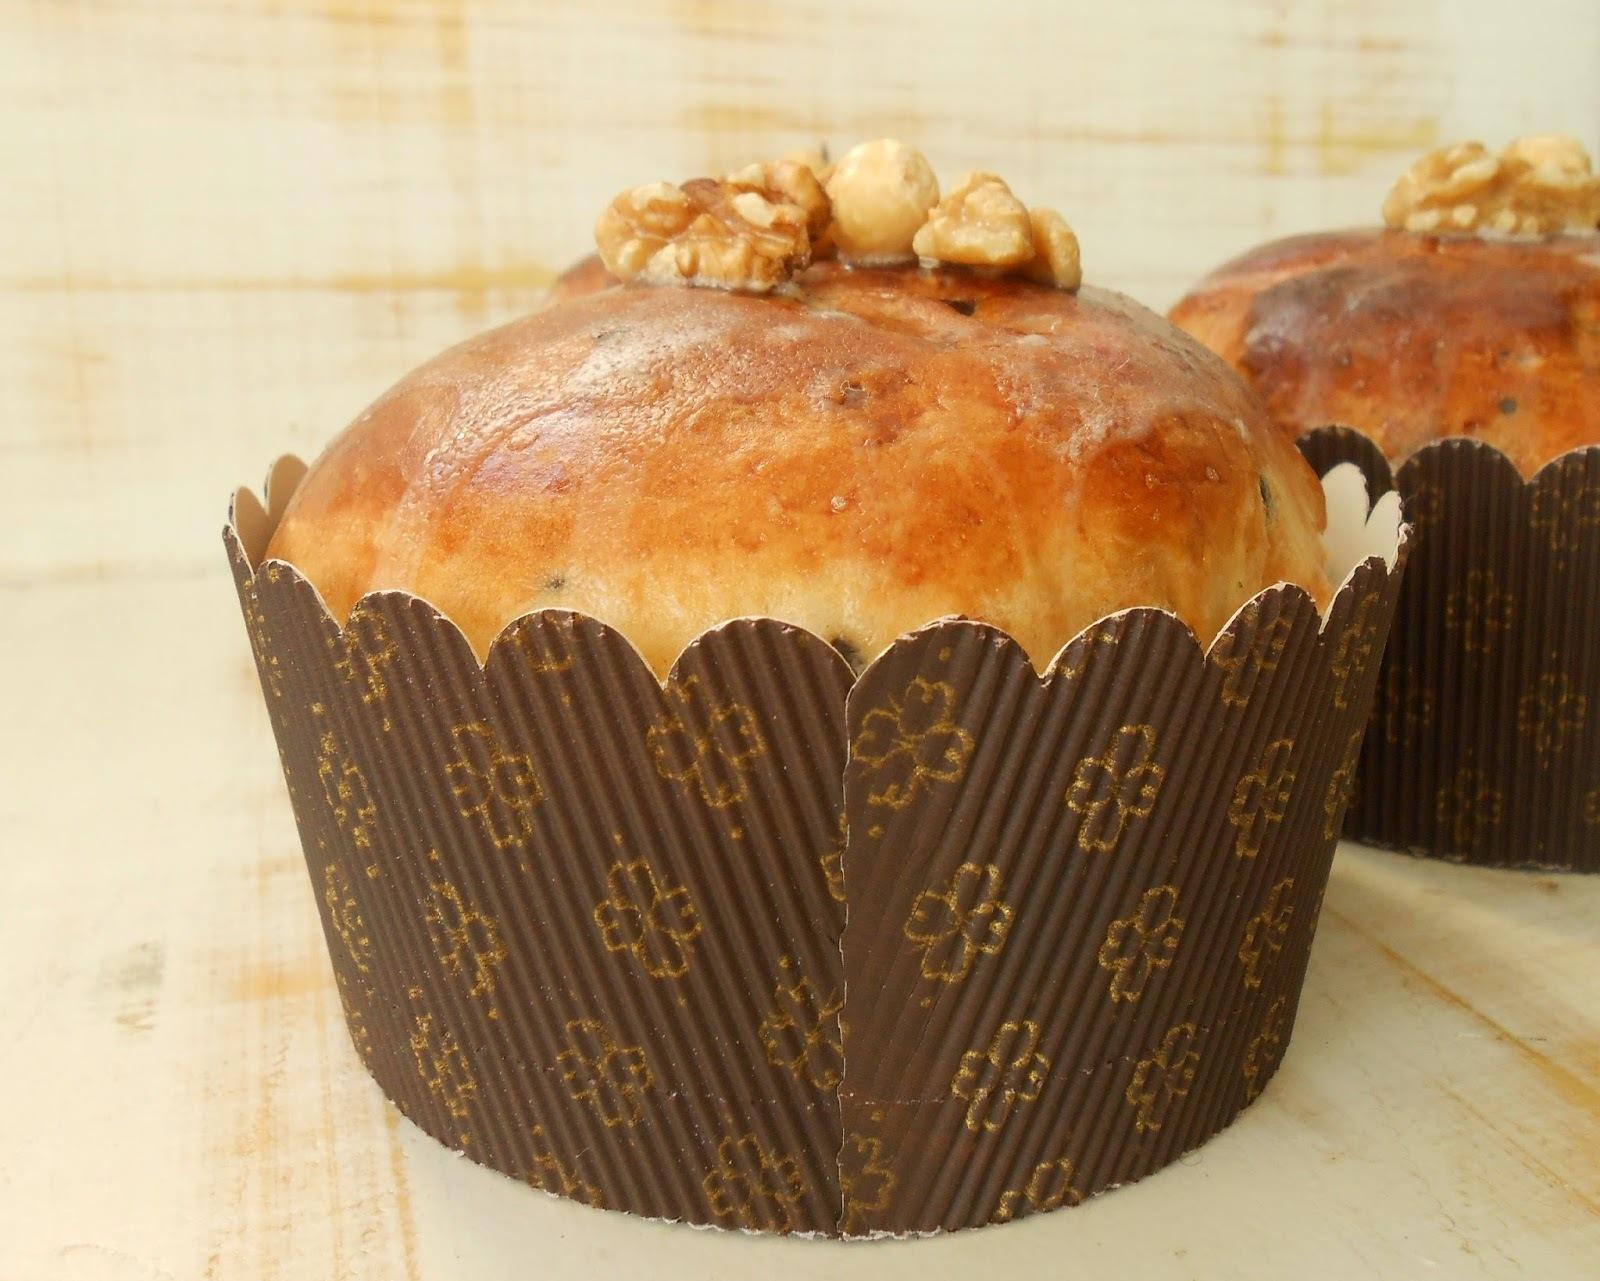 Pan dulce con frutos secos (Panettone)